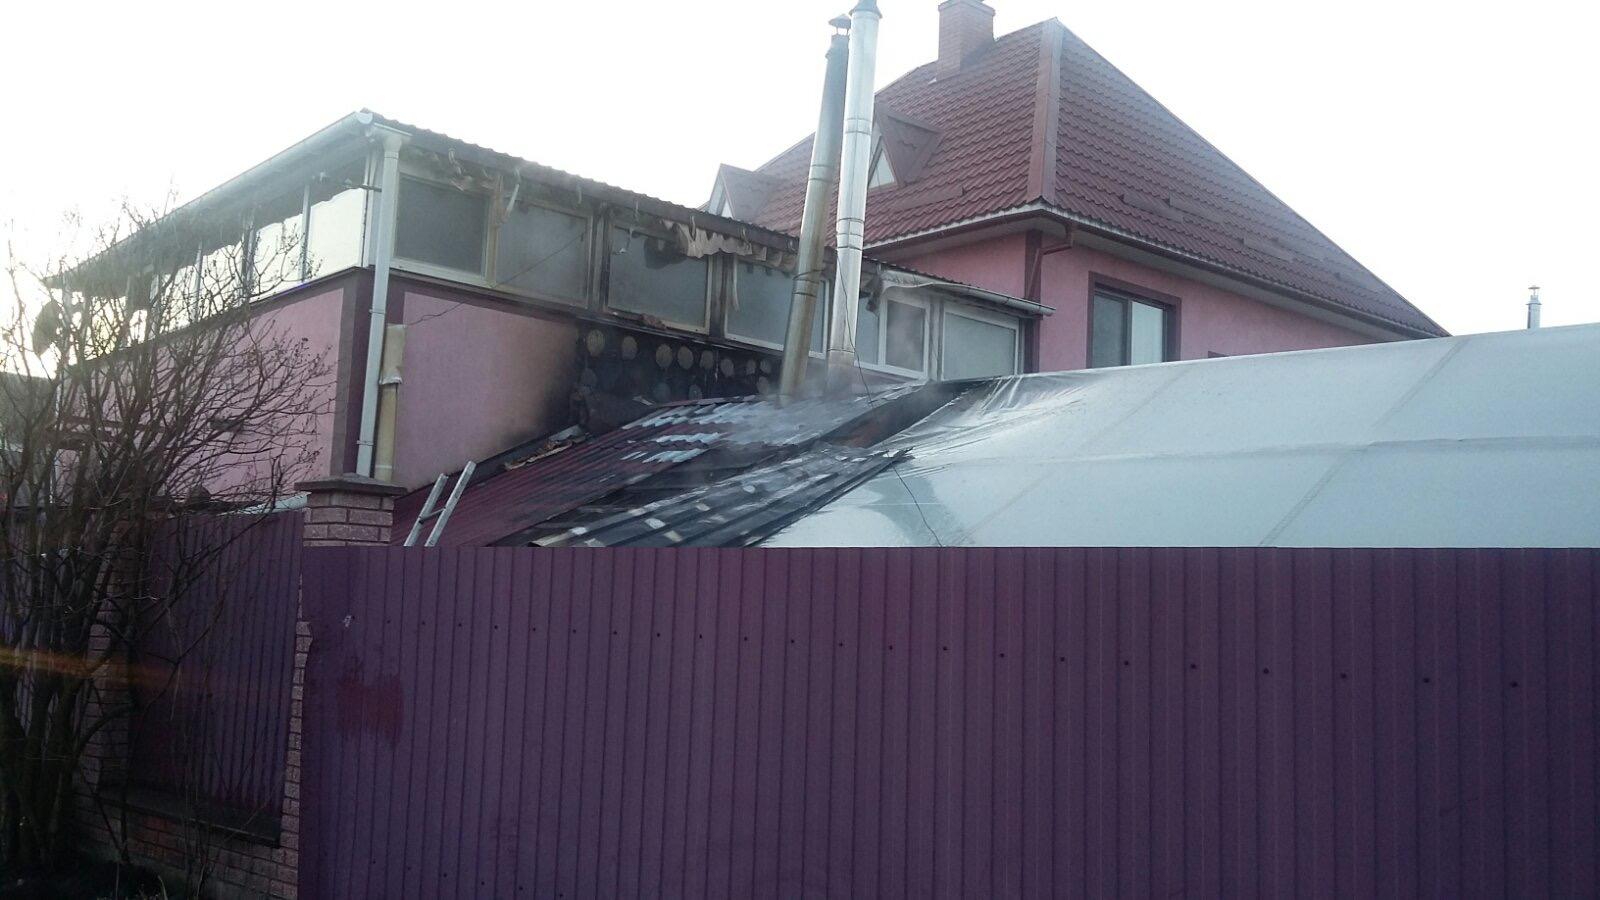 Gost-kotelnya-1 Пожежа у Гостомелі: вогонь охопив котельню в житловому будинку